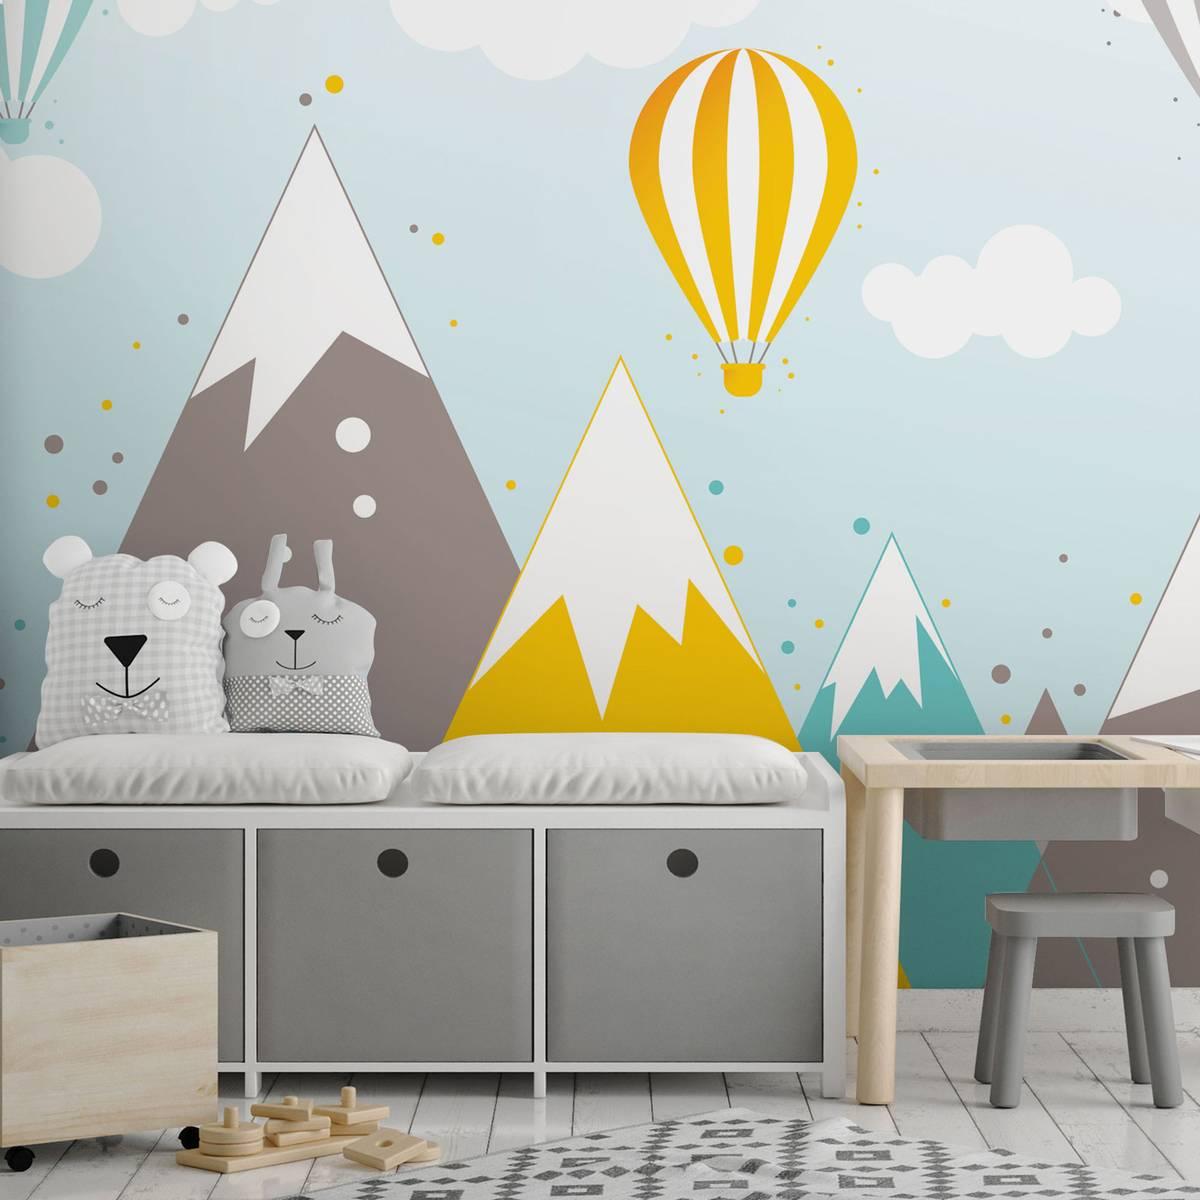 Foto tapeta - Planine i baloni na vrući zrak (T032064T254184A)